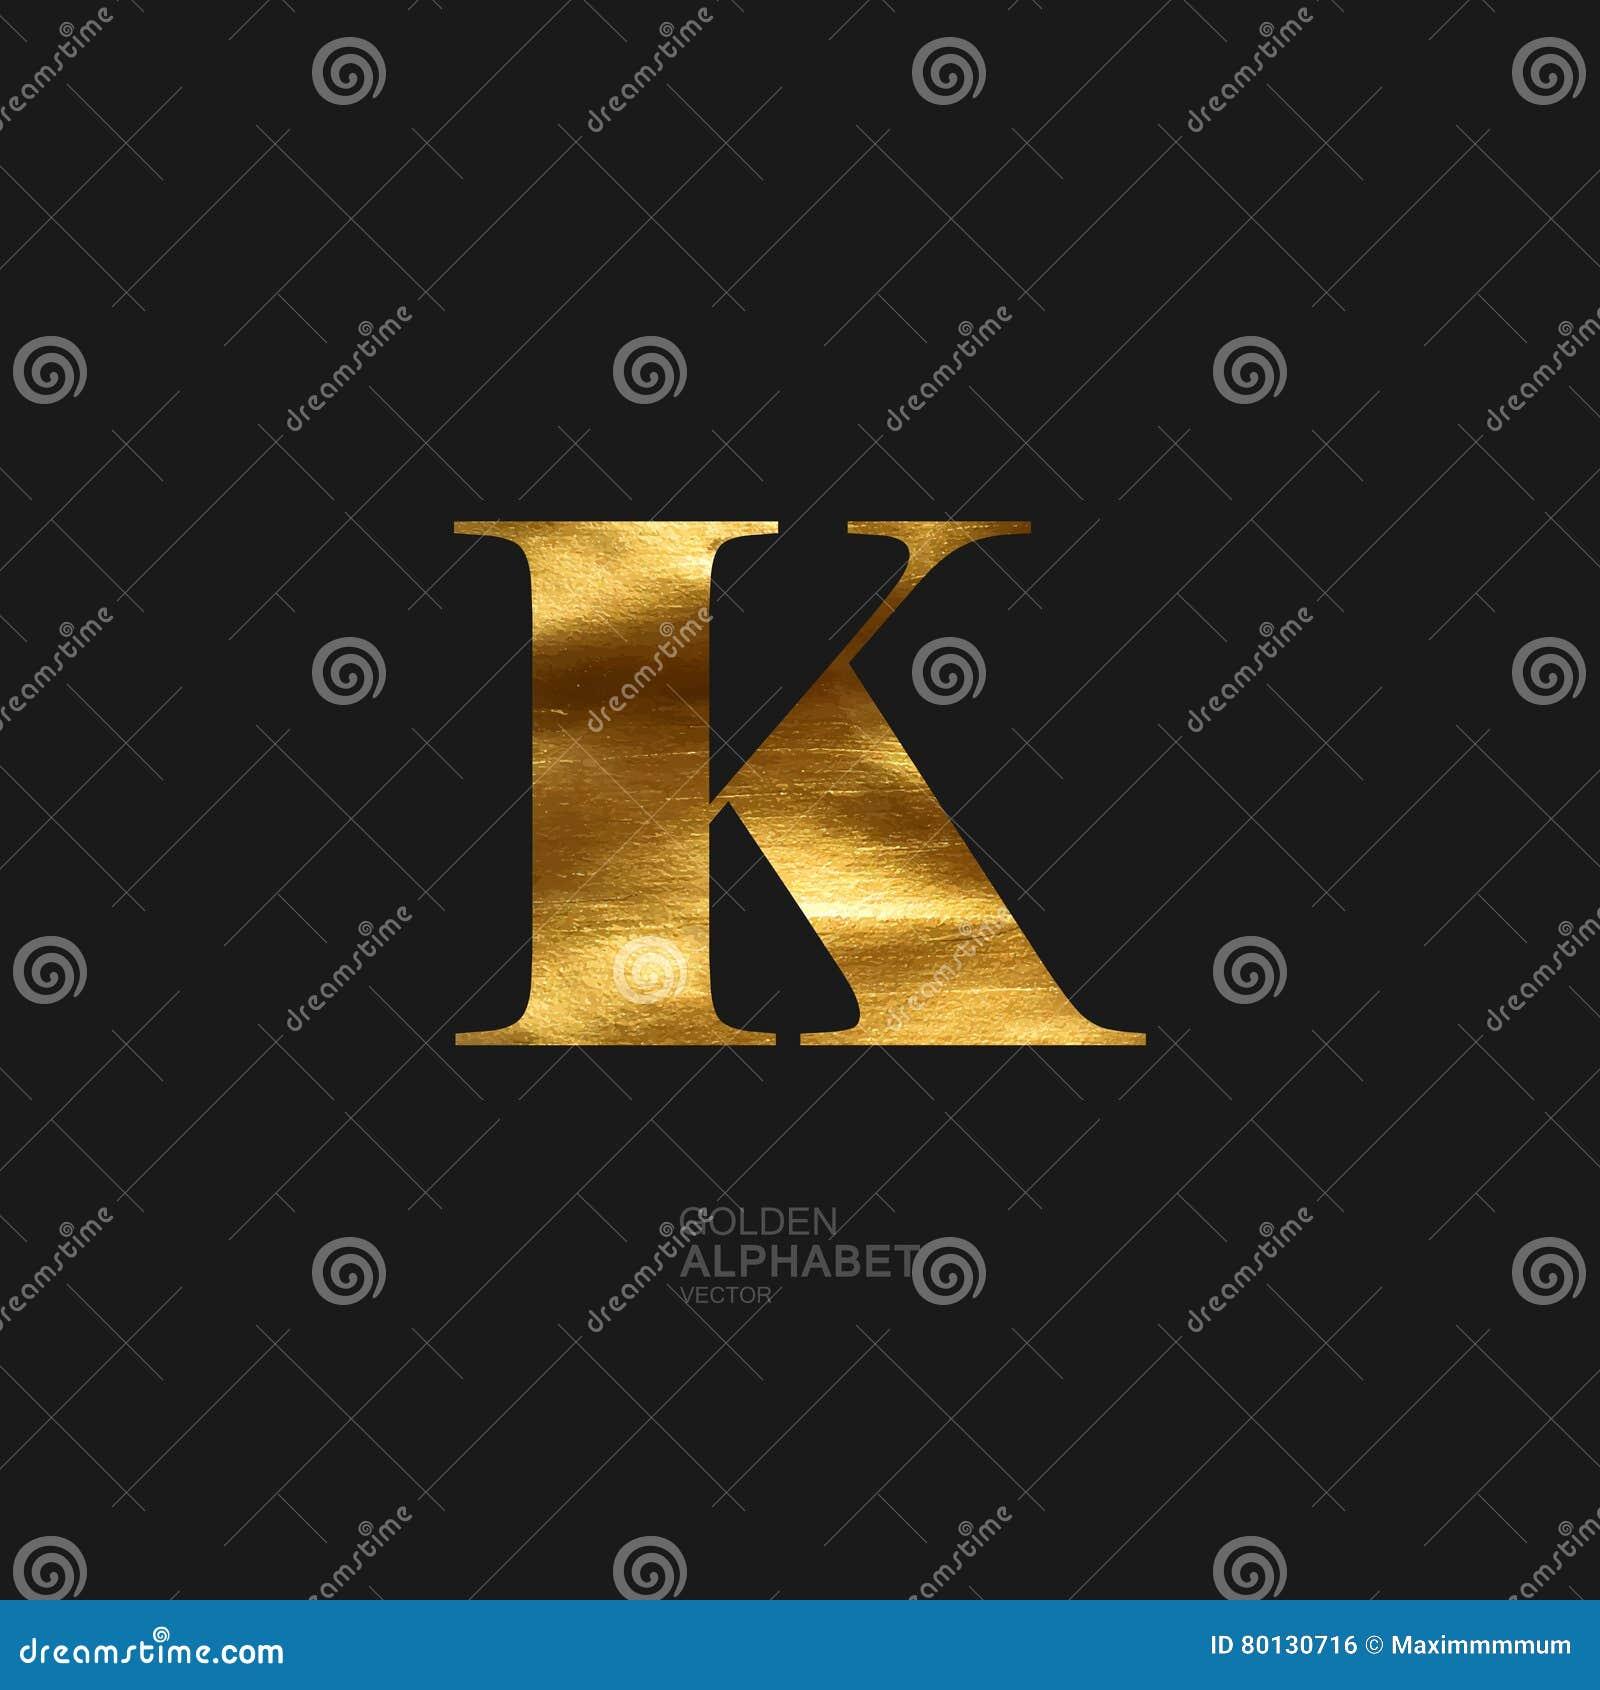 Golden letter K